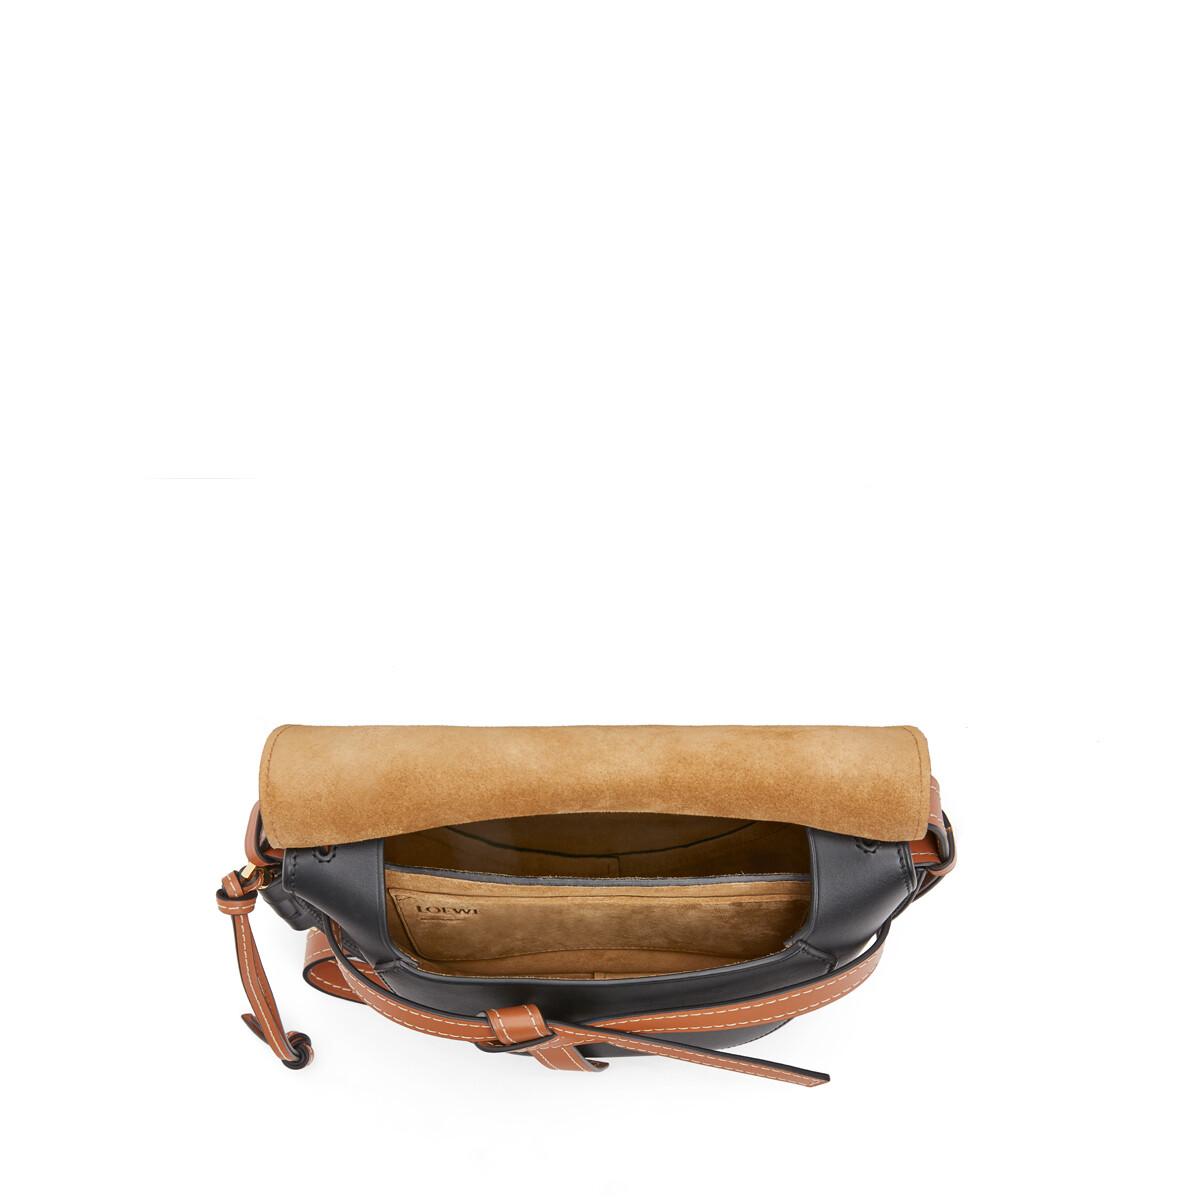 LOEWE Paula's Gate Yin Yang Small Bag Tan/Black front